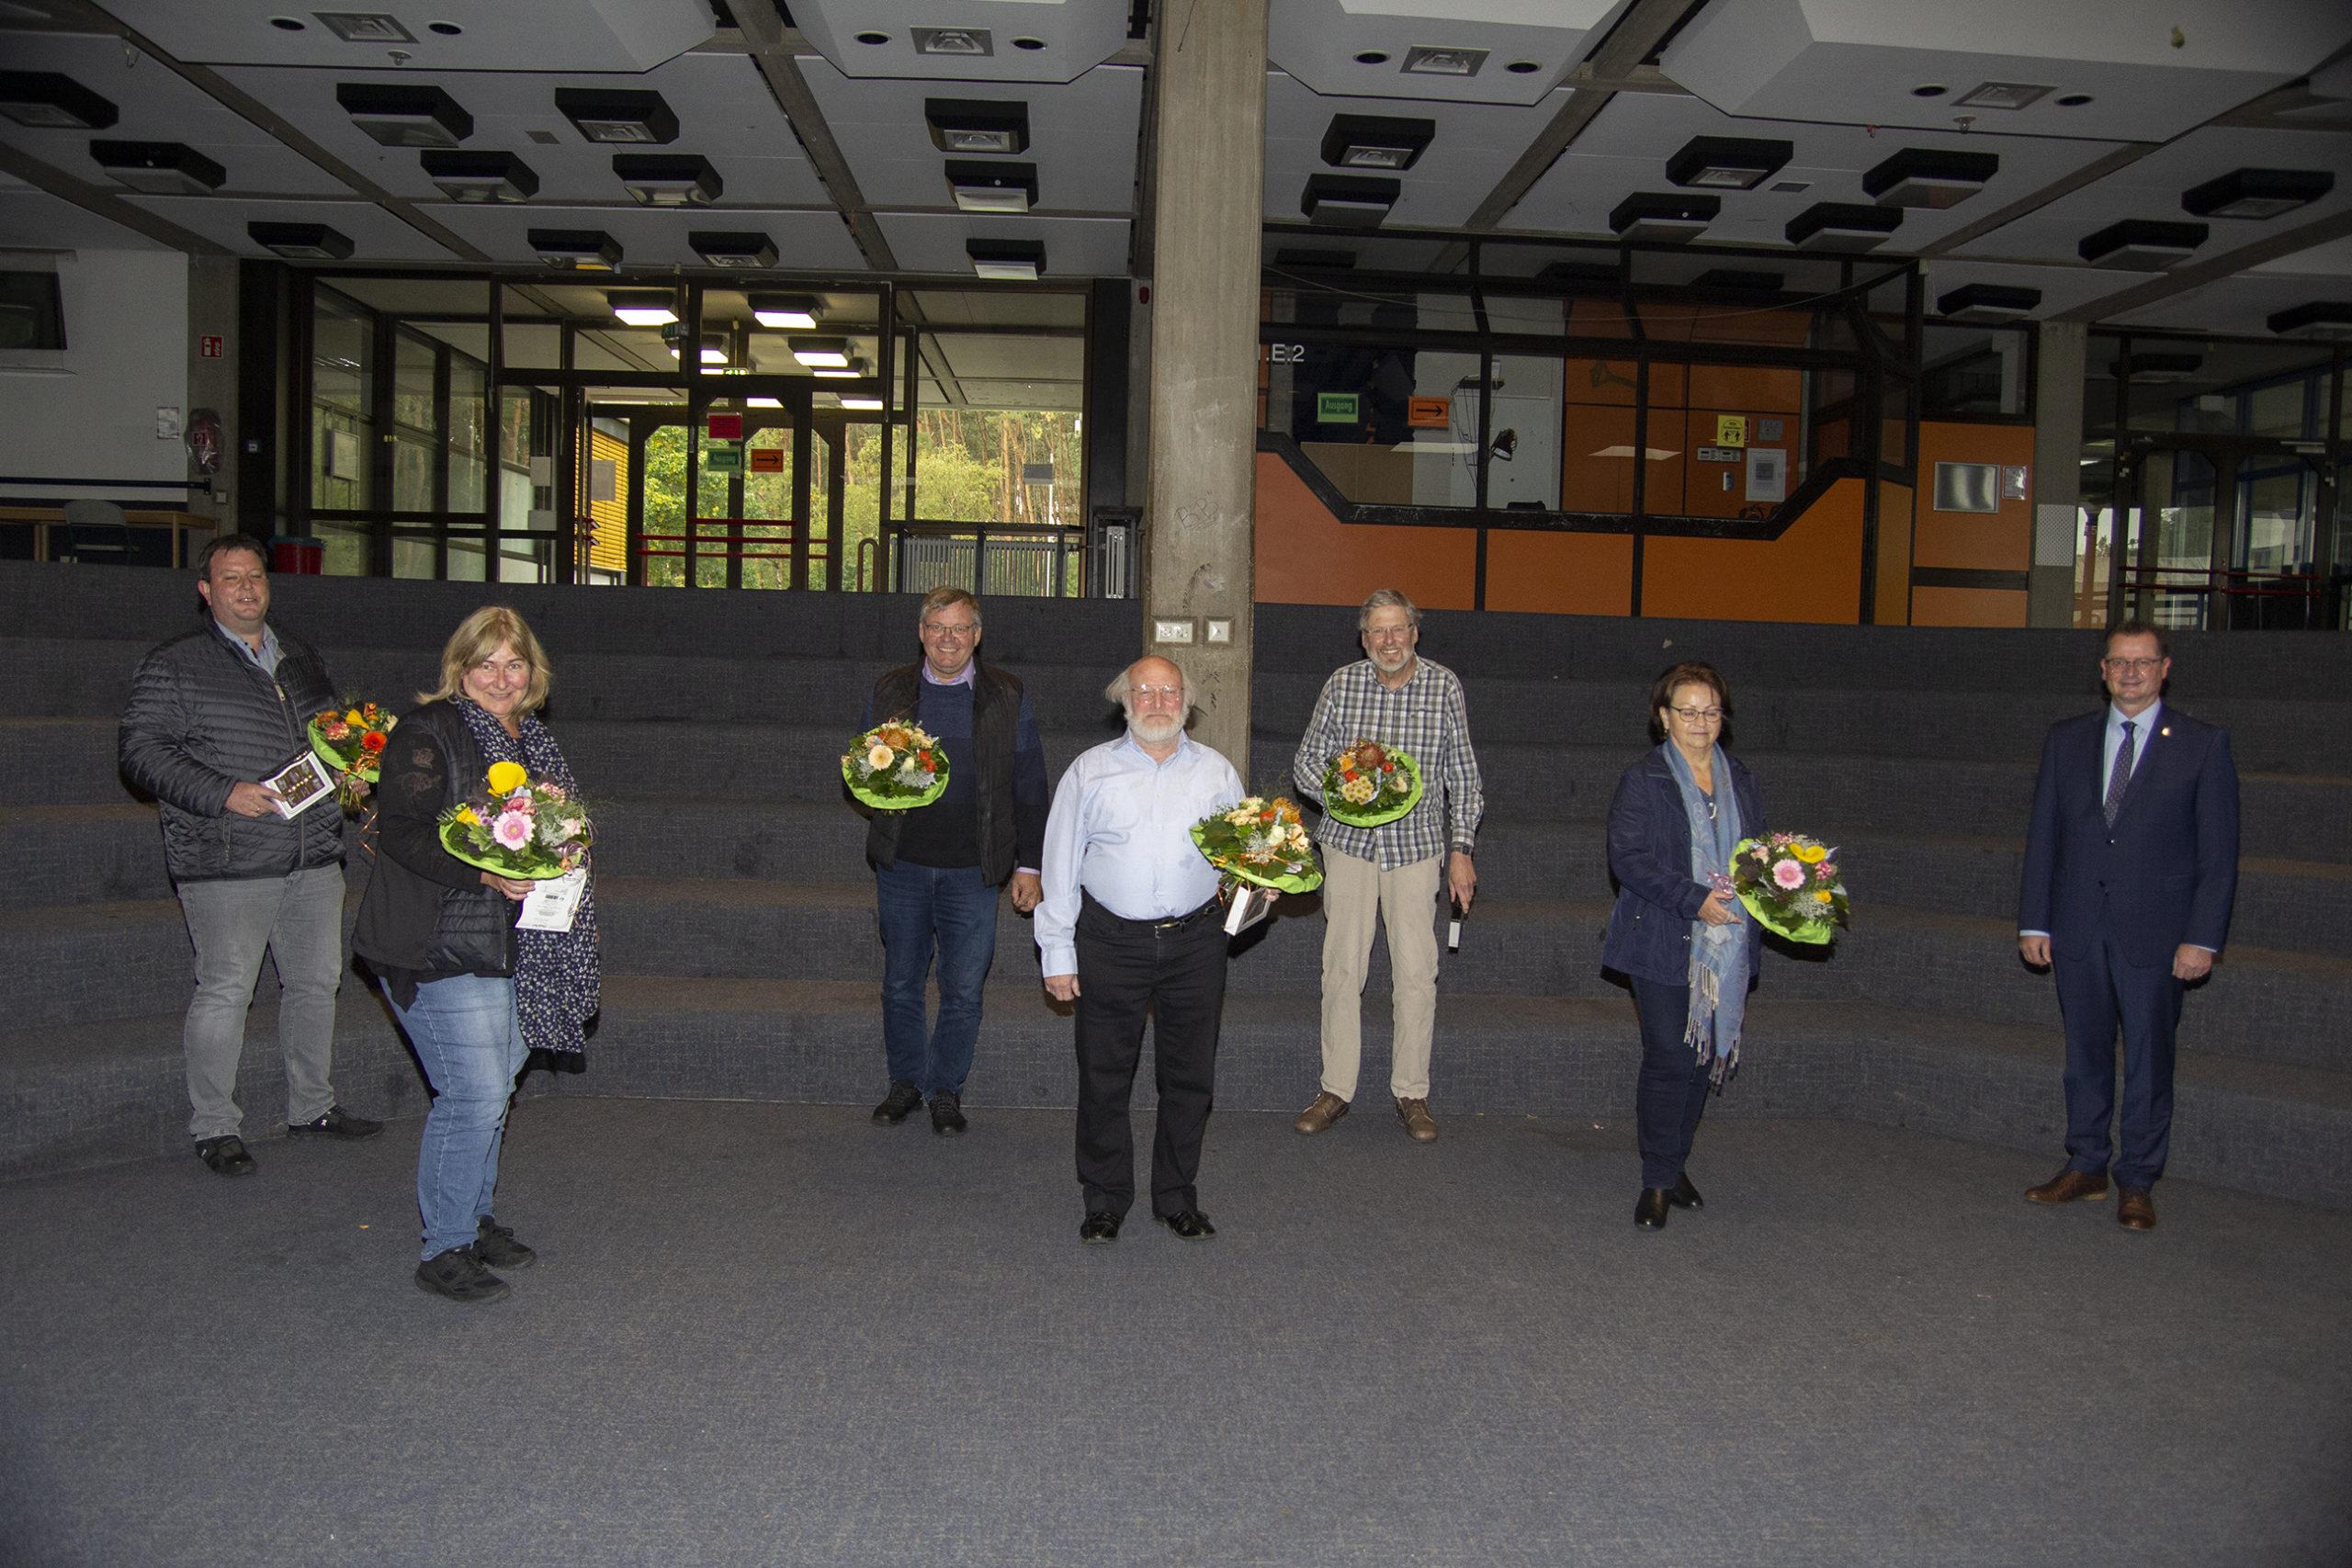 Bürgermeister verabschiedete sieben ausscheidende Ratsmitglieder